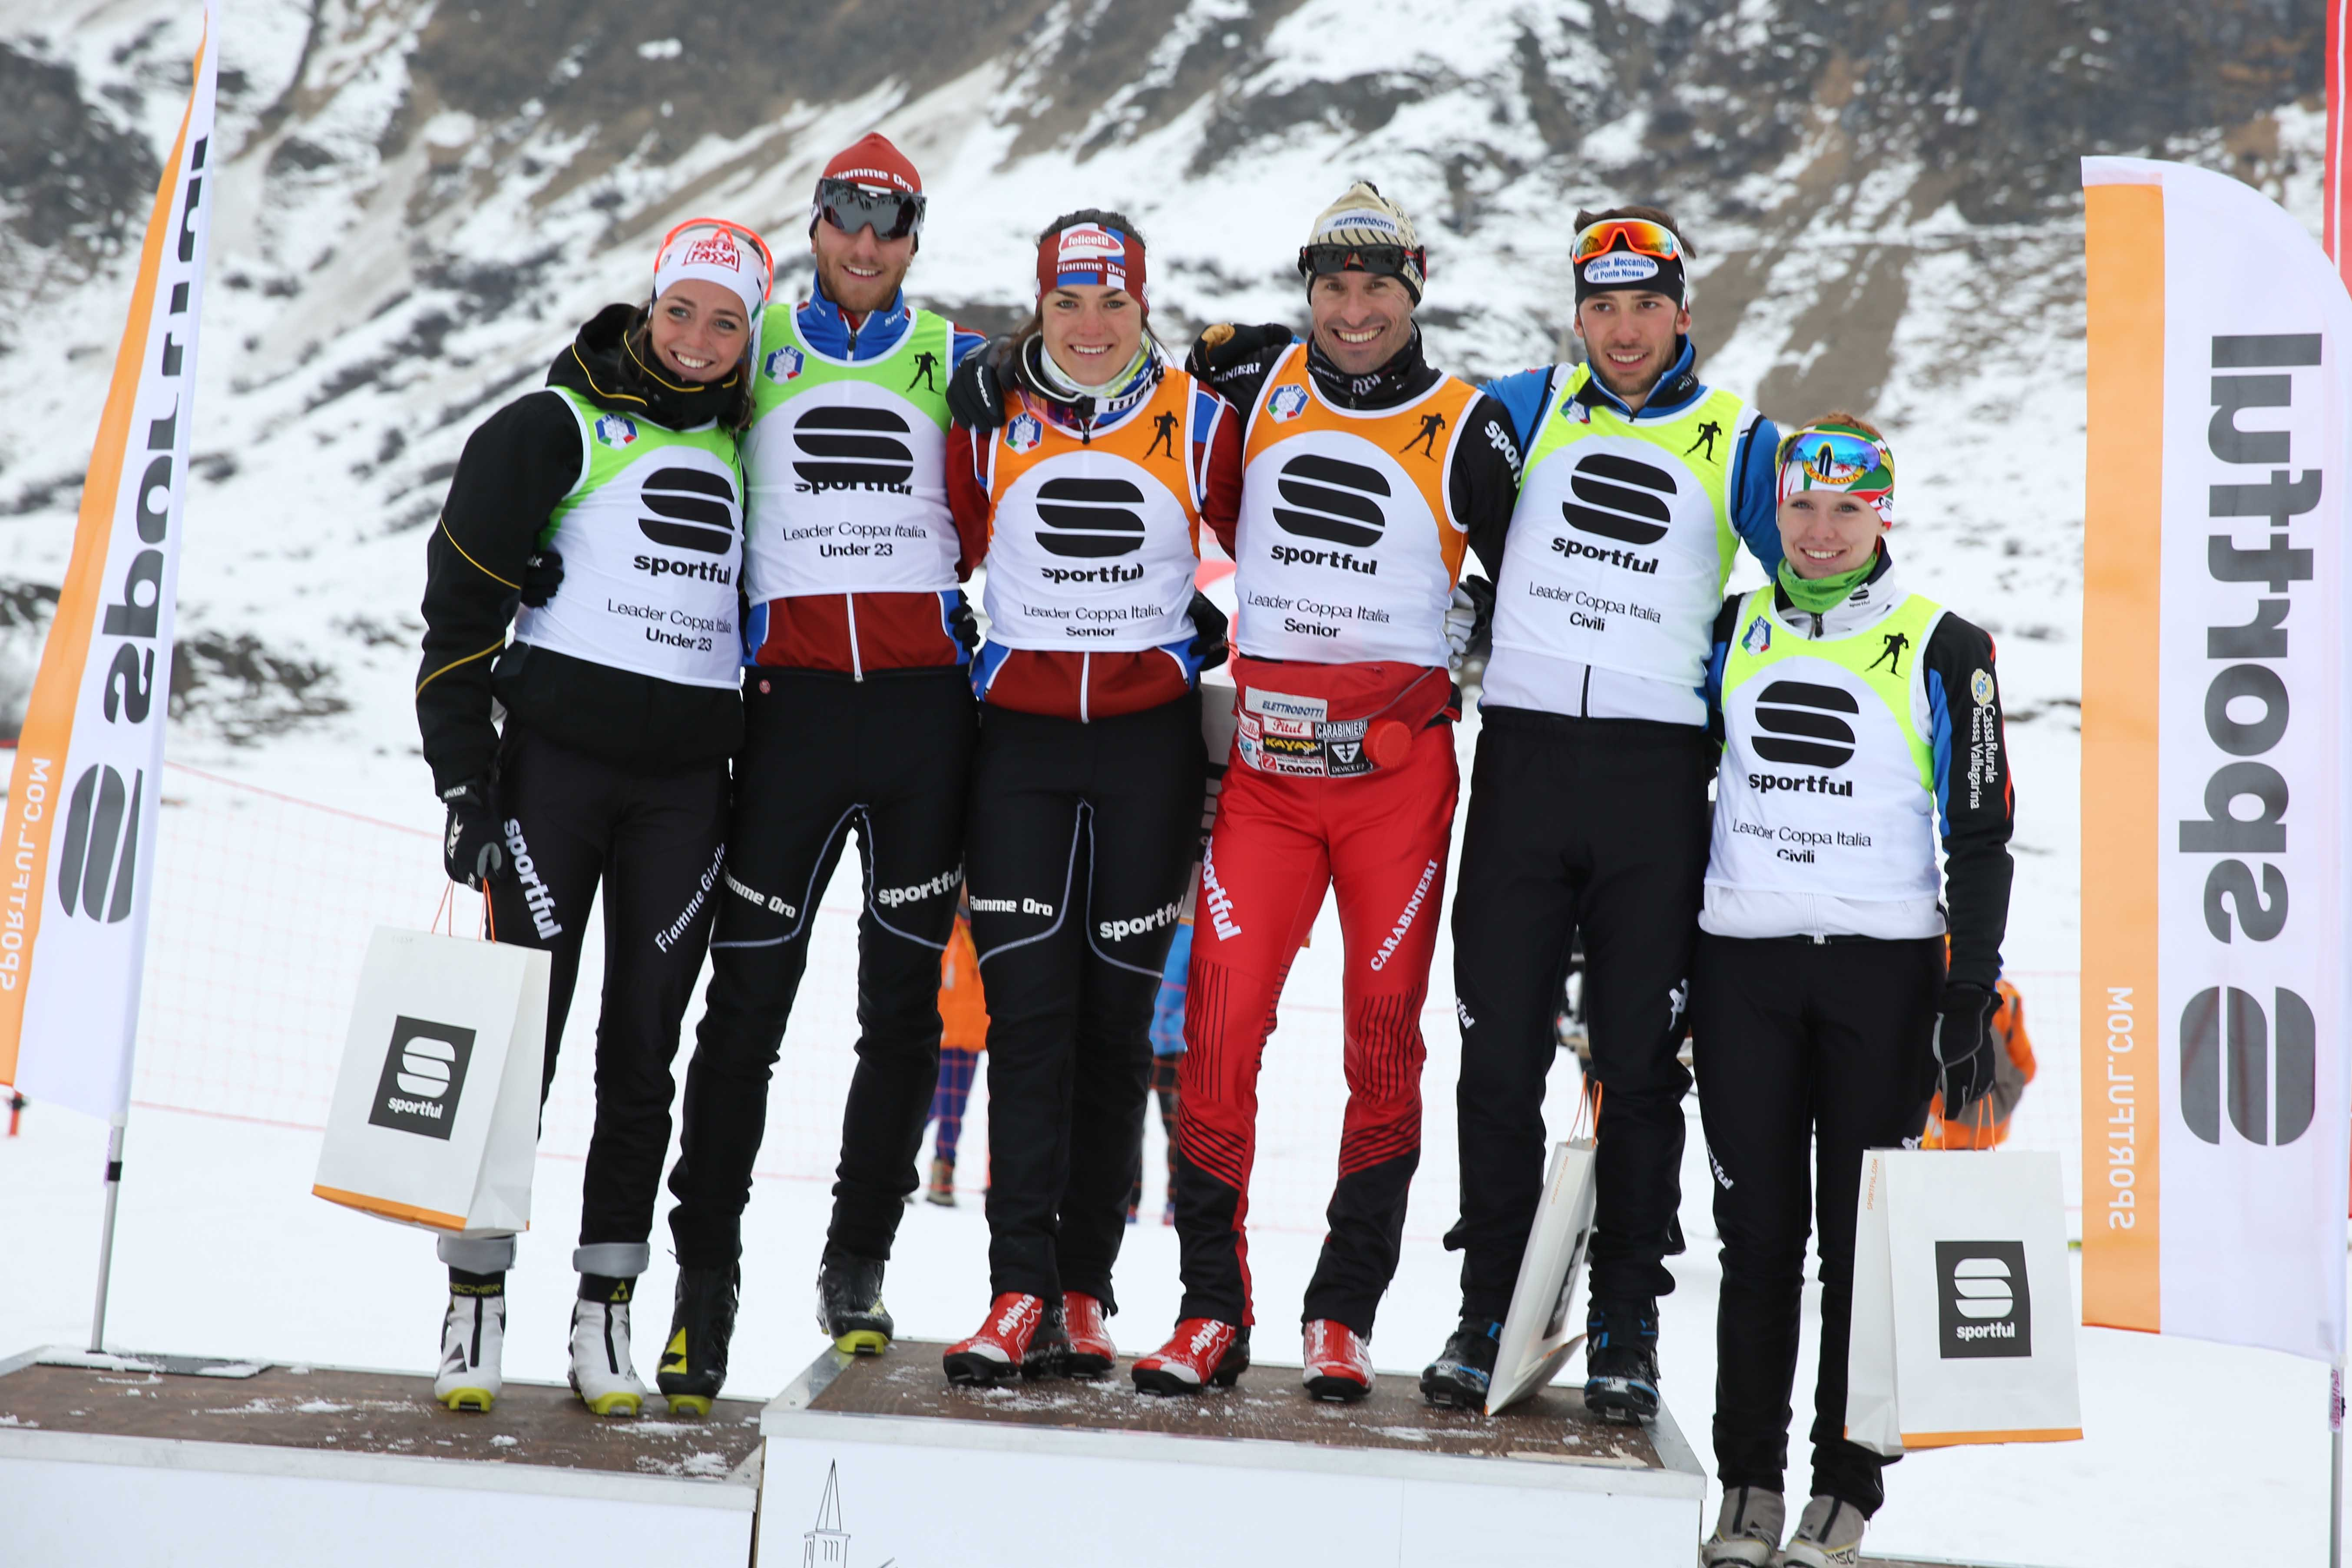 Calendario Gare Sci Fondo.Www Skirollisti Org